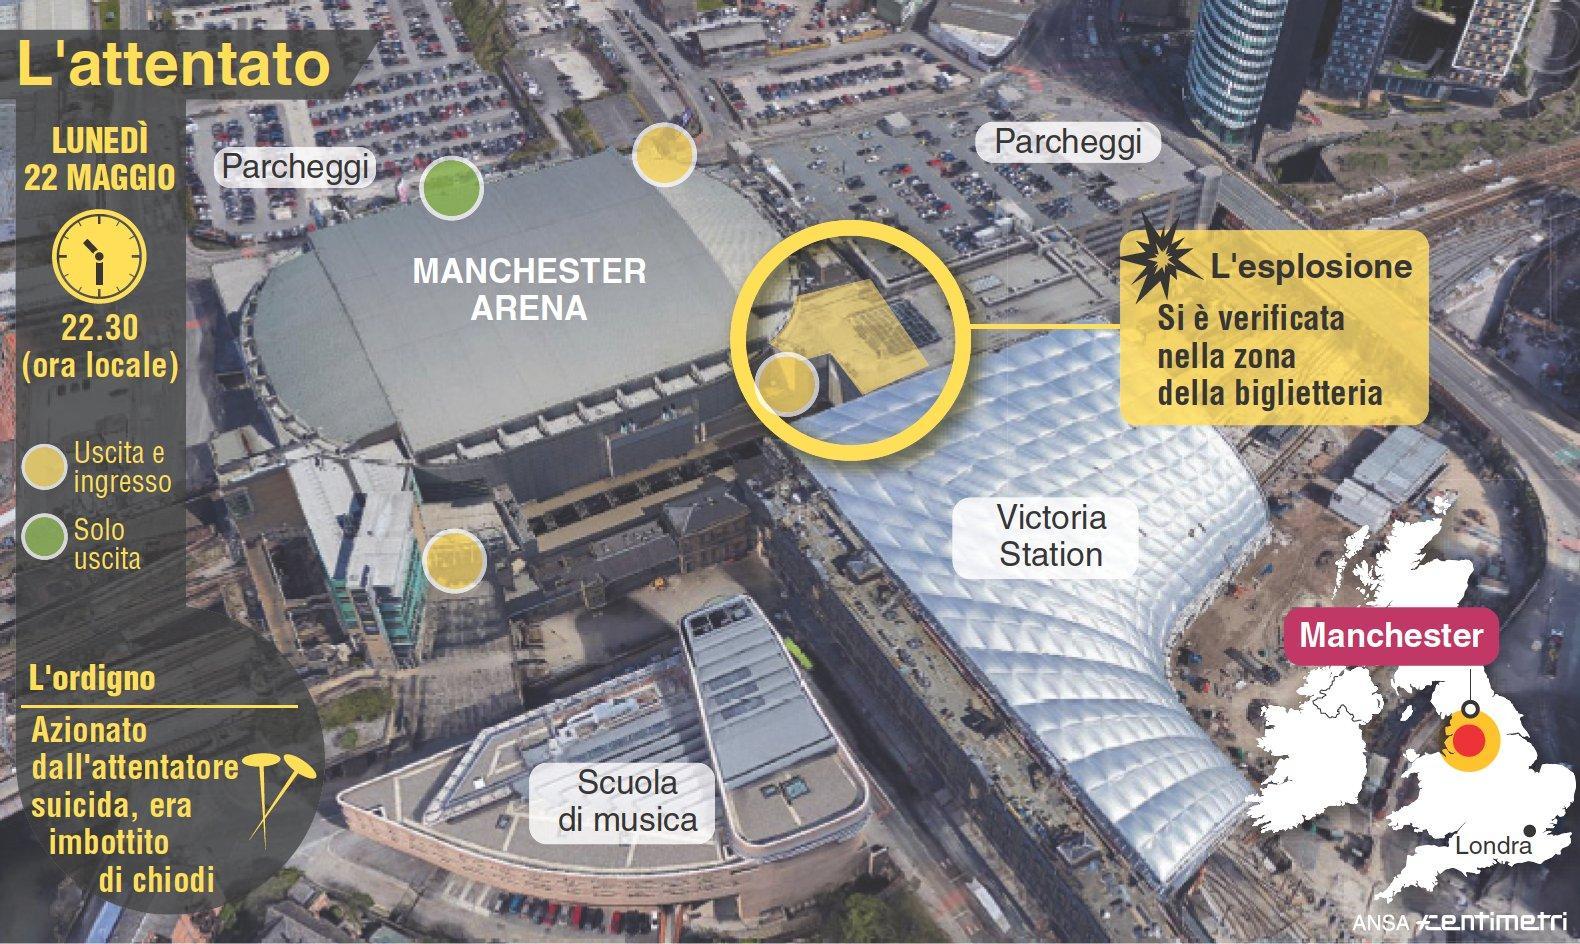 Attentato a Manchester: ecco come è avvenuta la strage